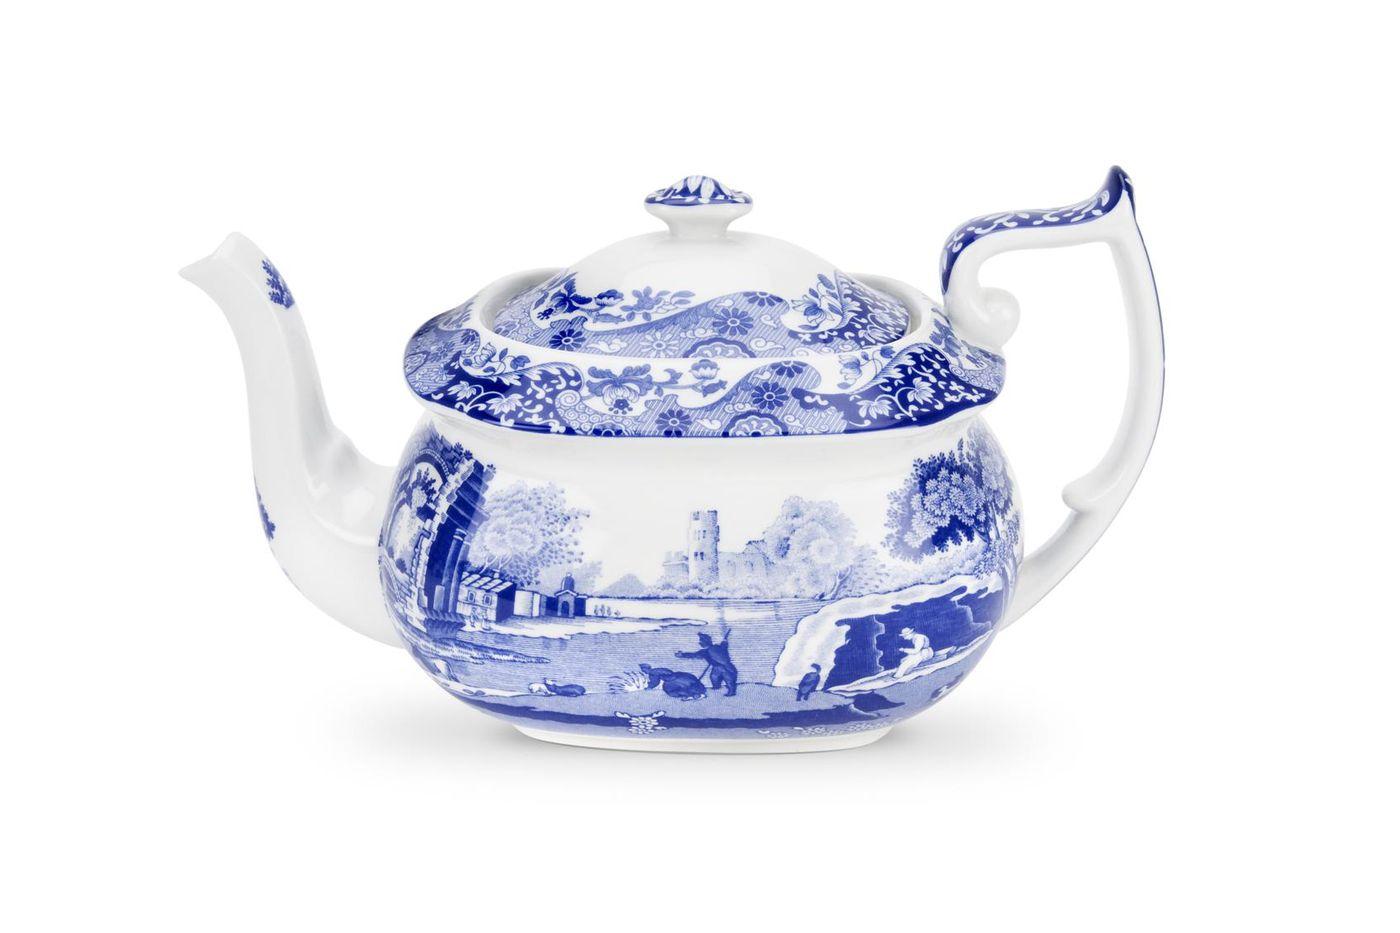 Spode Blue Italian Teapot 2pt thumb 1